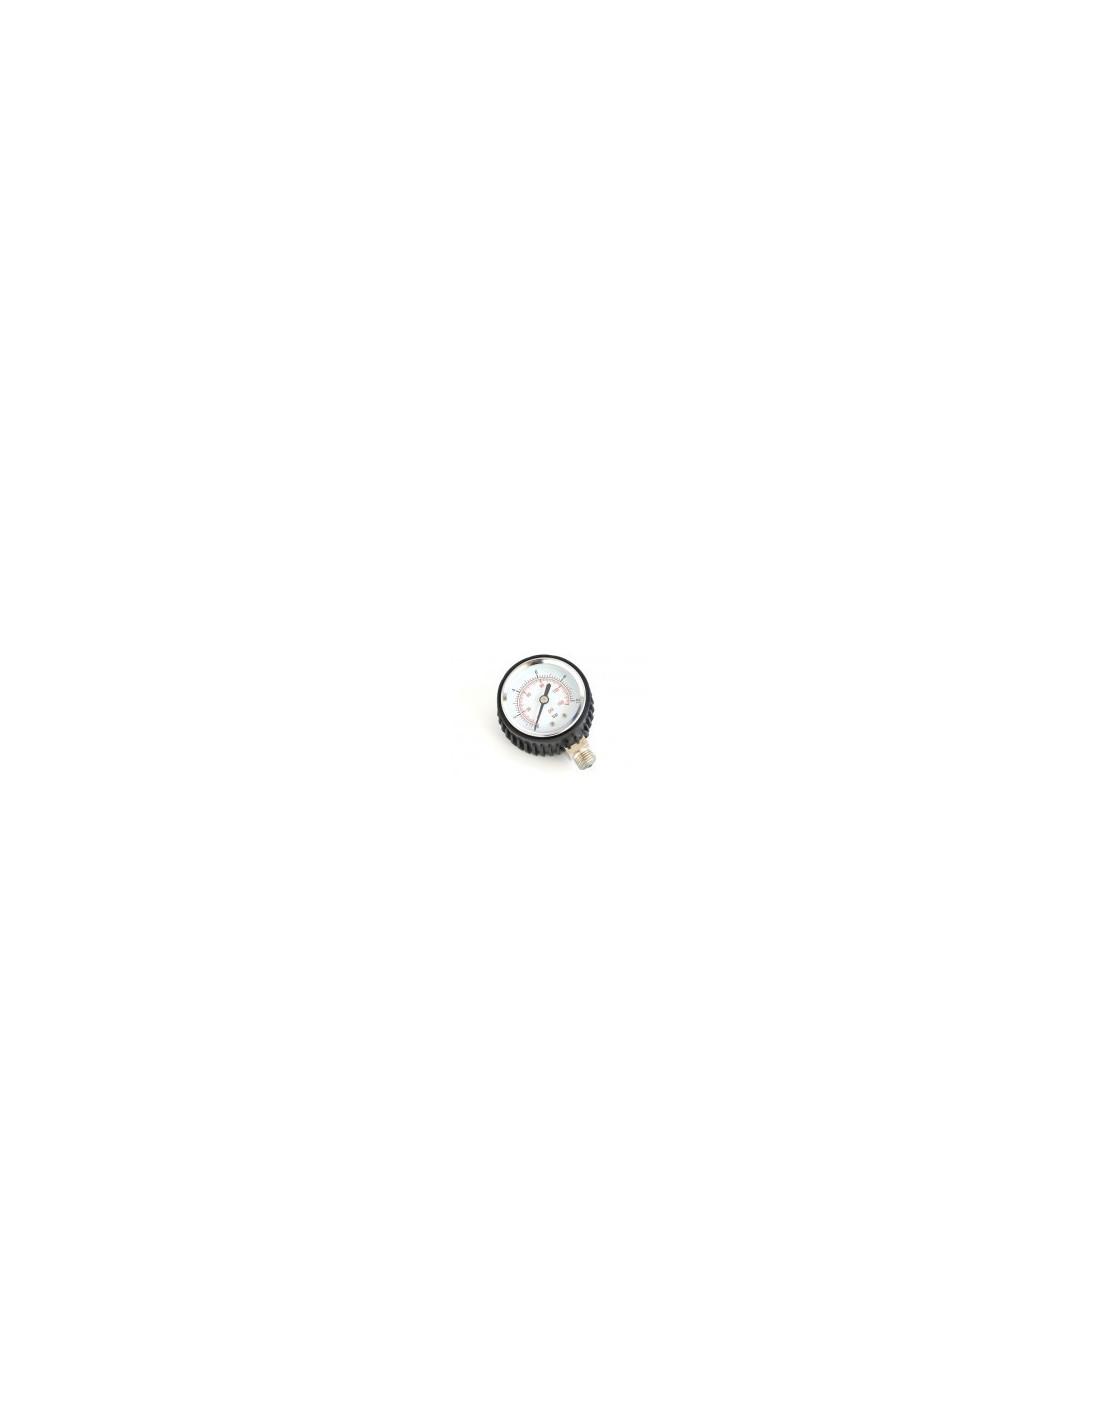 RED01159 - Tillbehör - Manometer CO2 arbetstryck